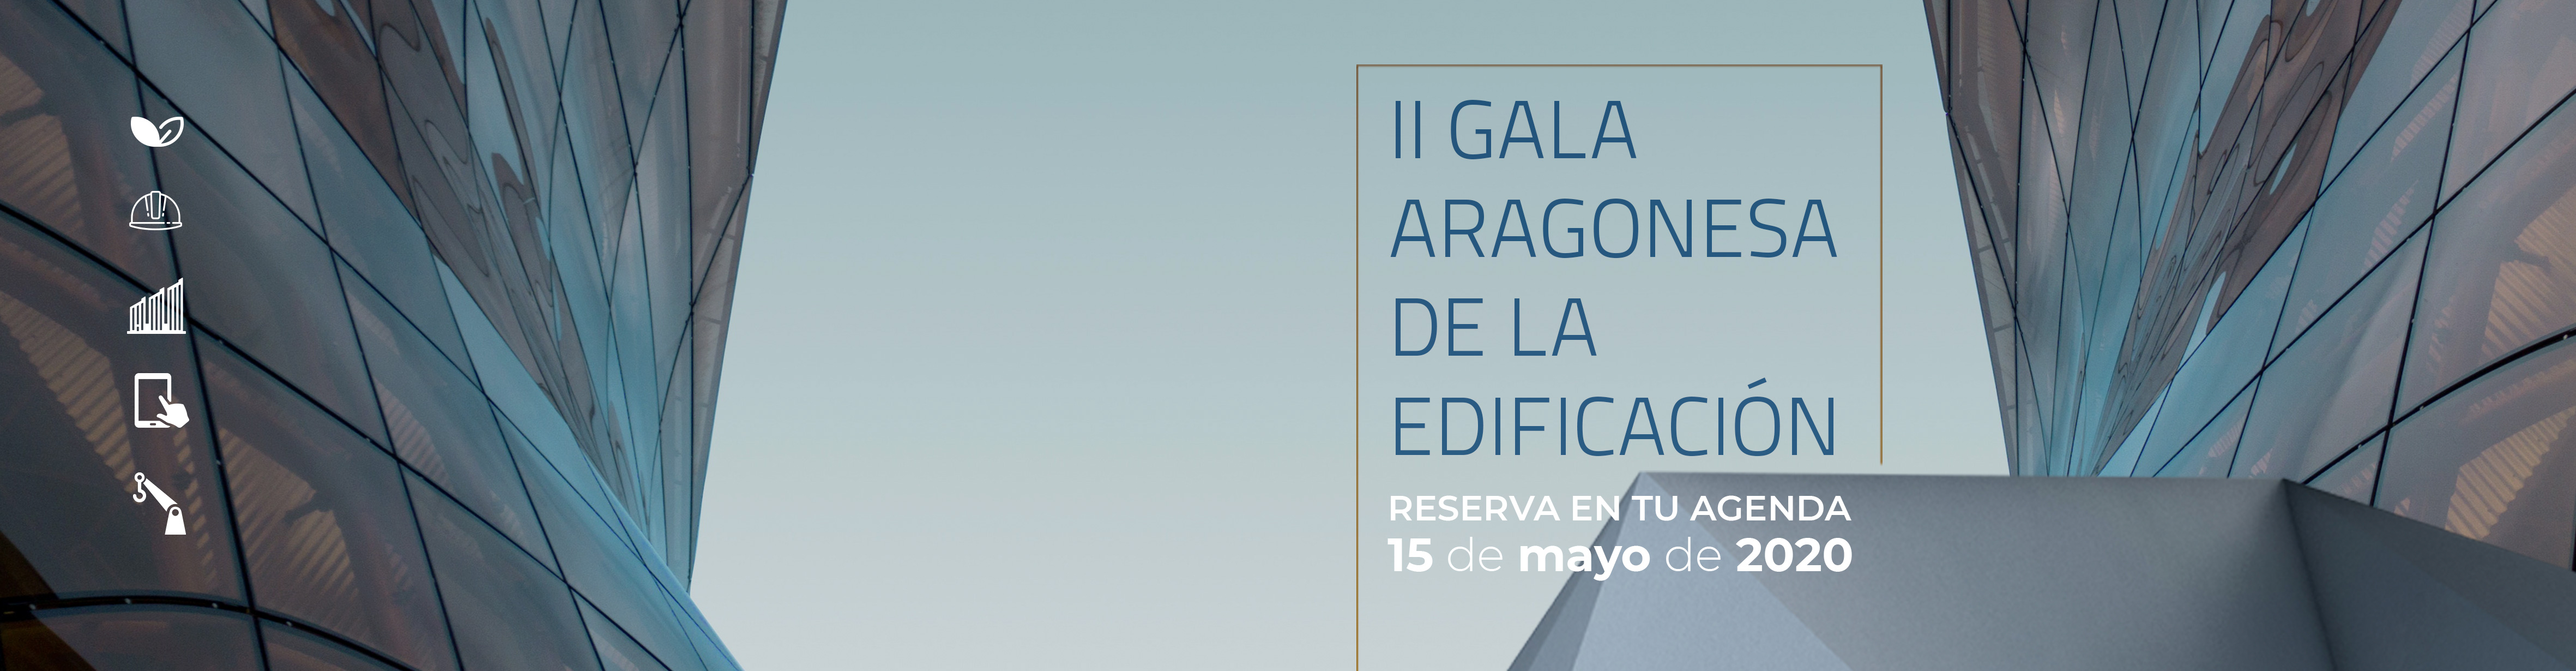 Cabeceras_WEB_COAATZ_IIGalaEdificación